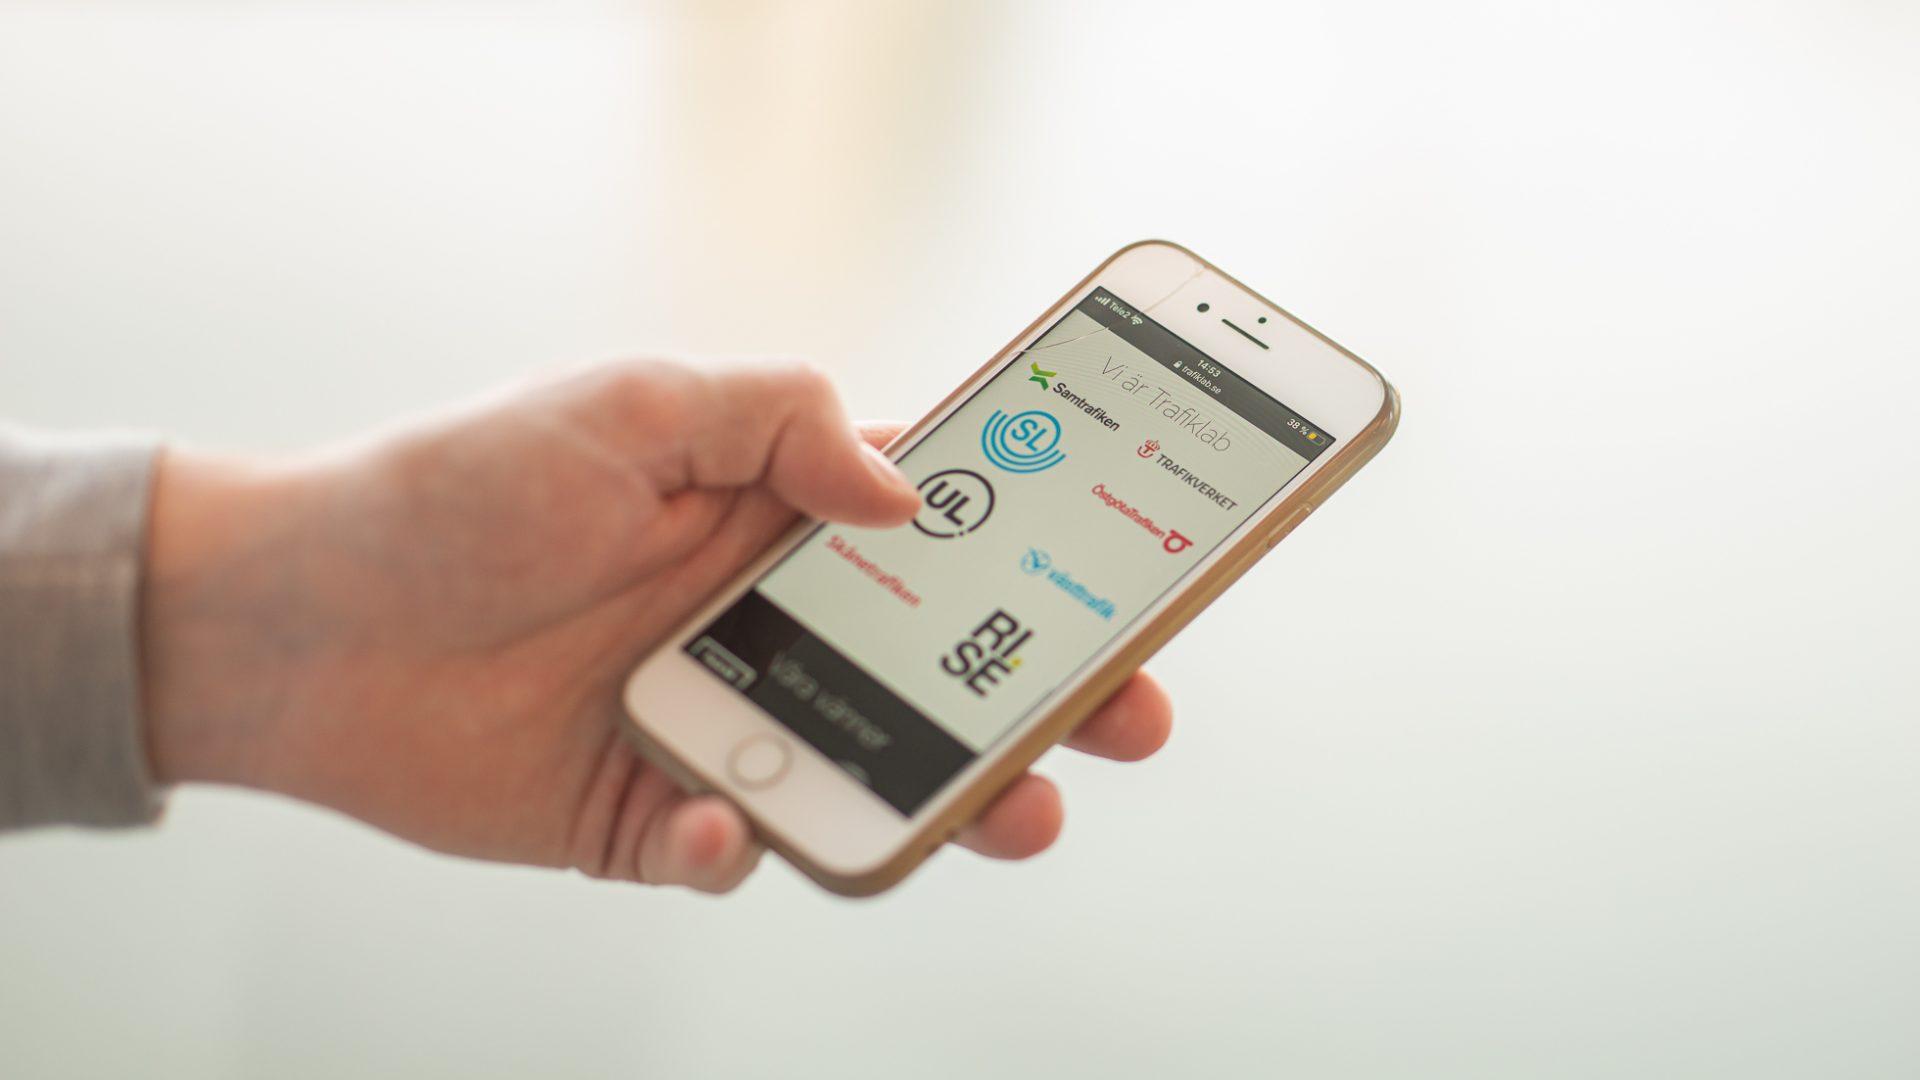 Person scrollar på tjänsten Trafiklab, som bidrar med data om kollektivtrafik.